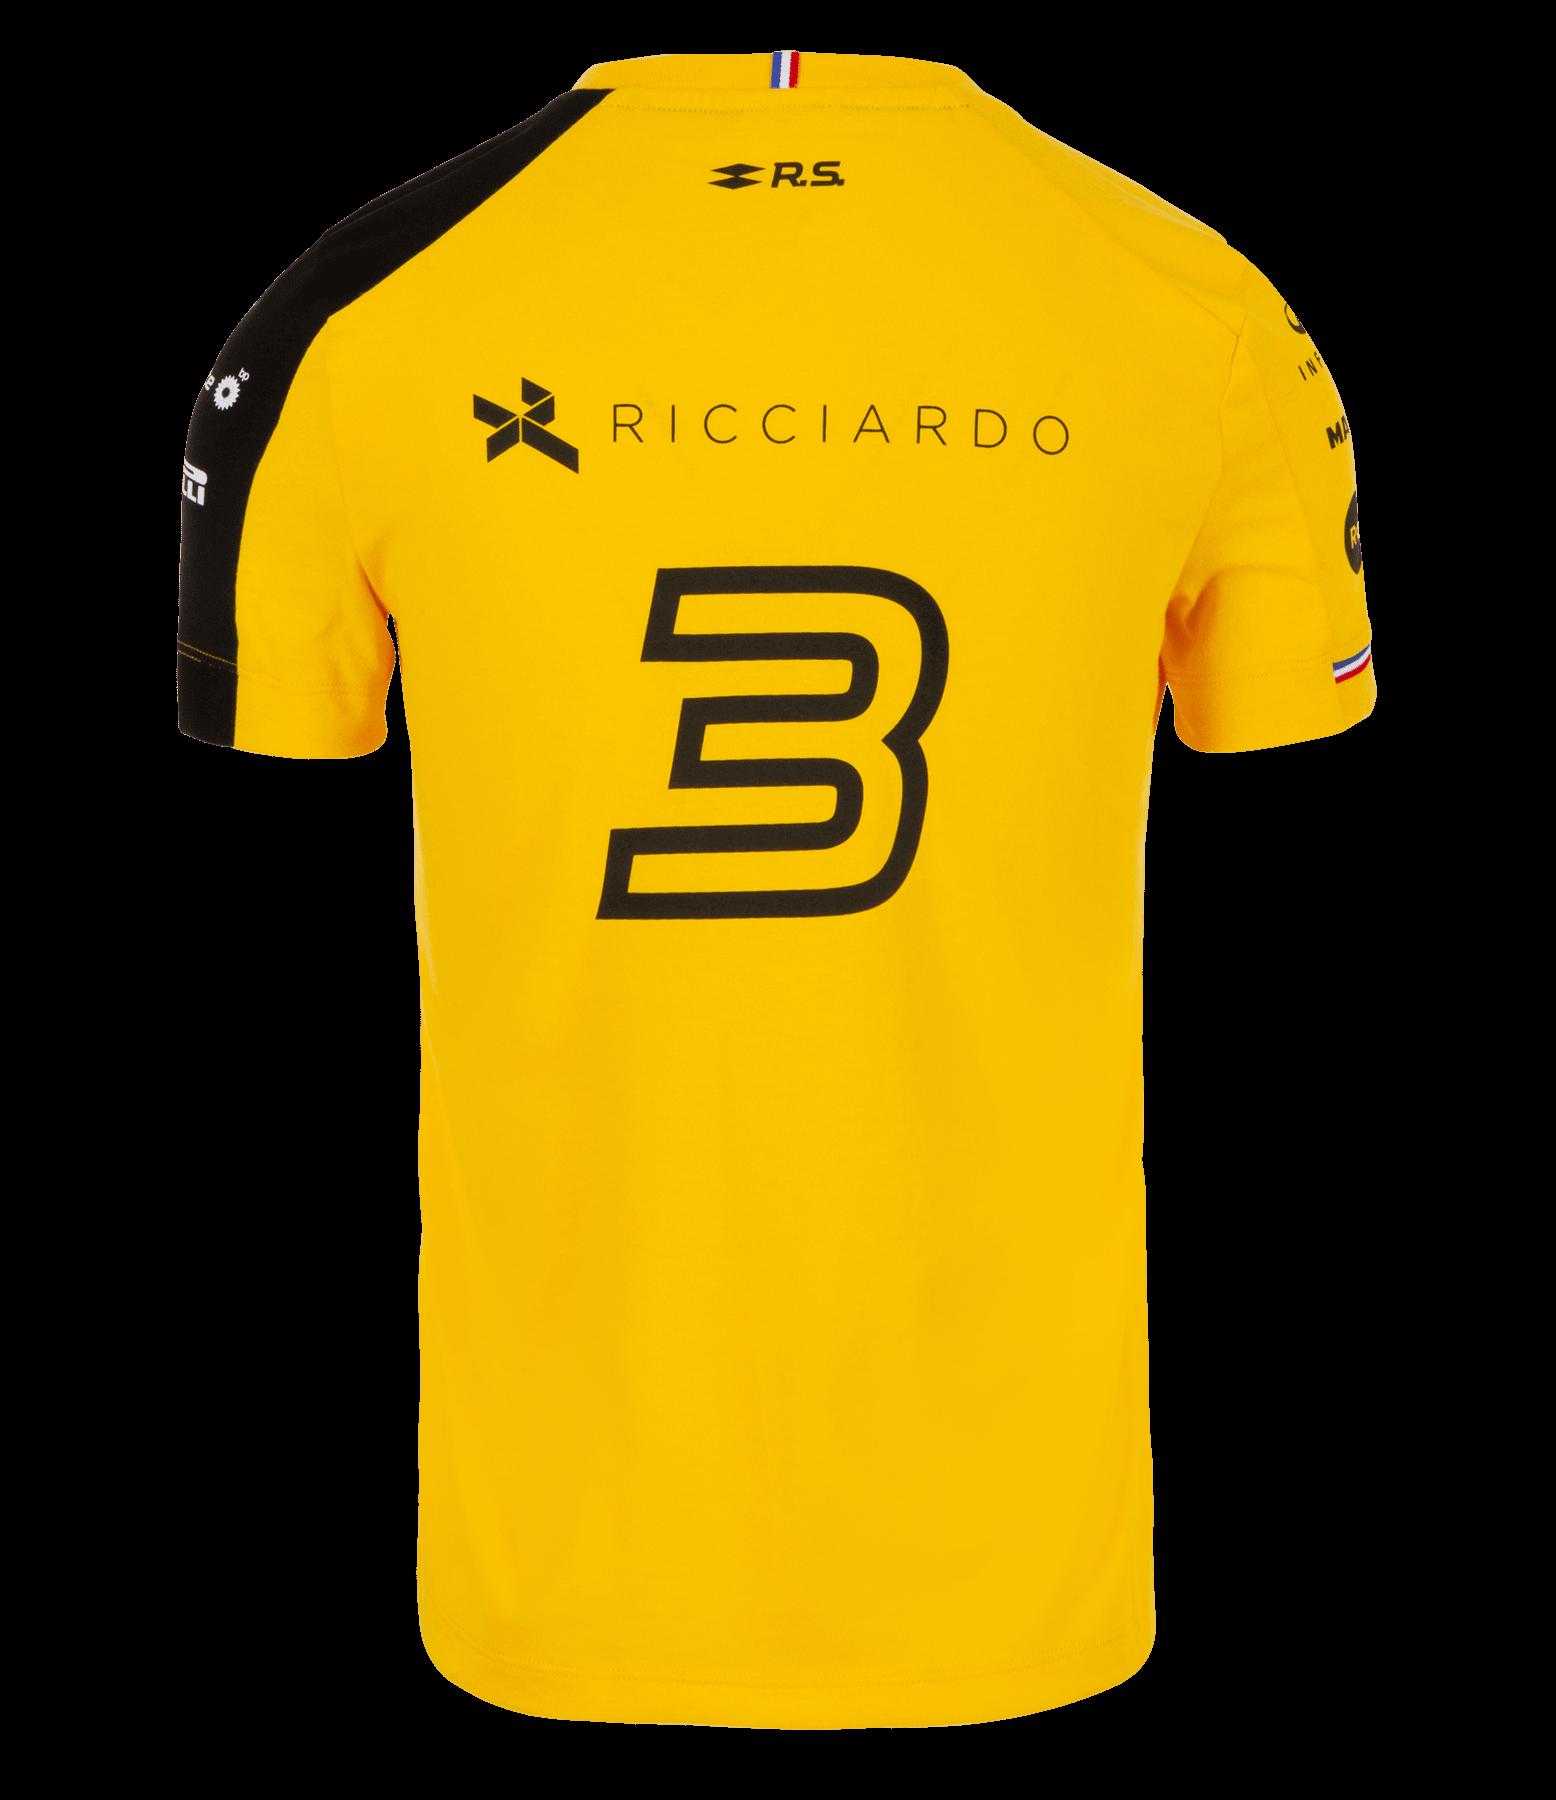 RENAULT F1® TEAM 2019 women's t-shirt - Ricciardo